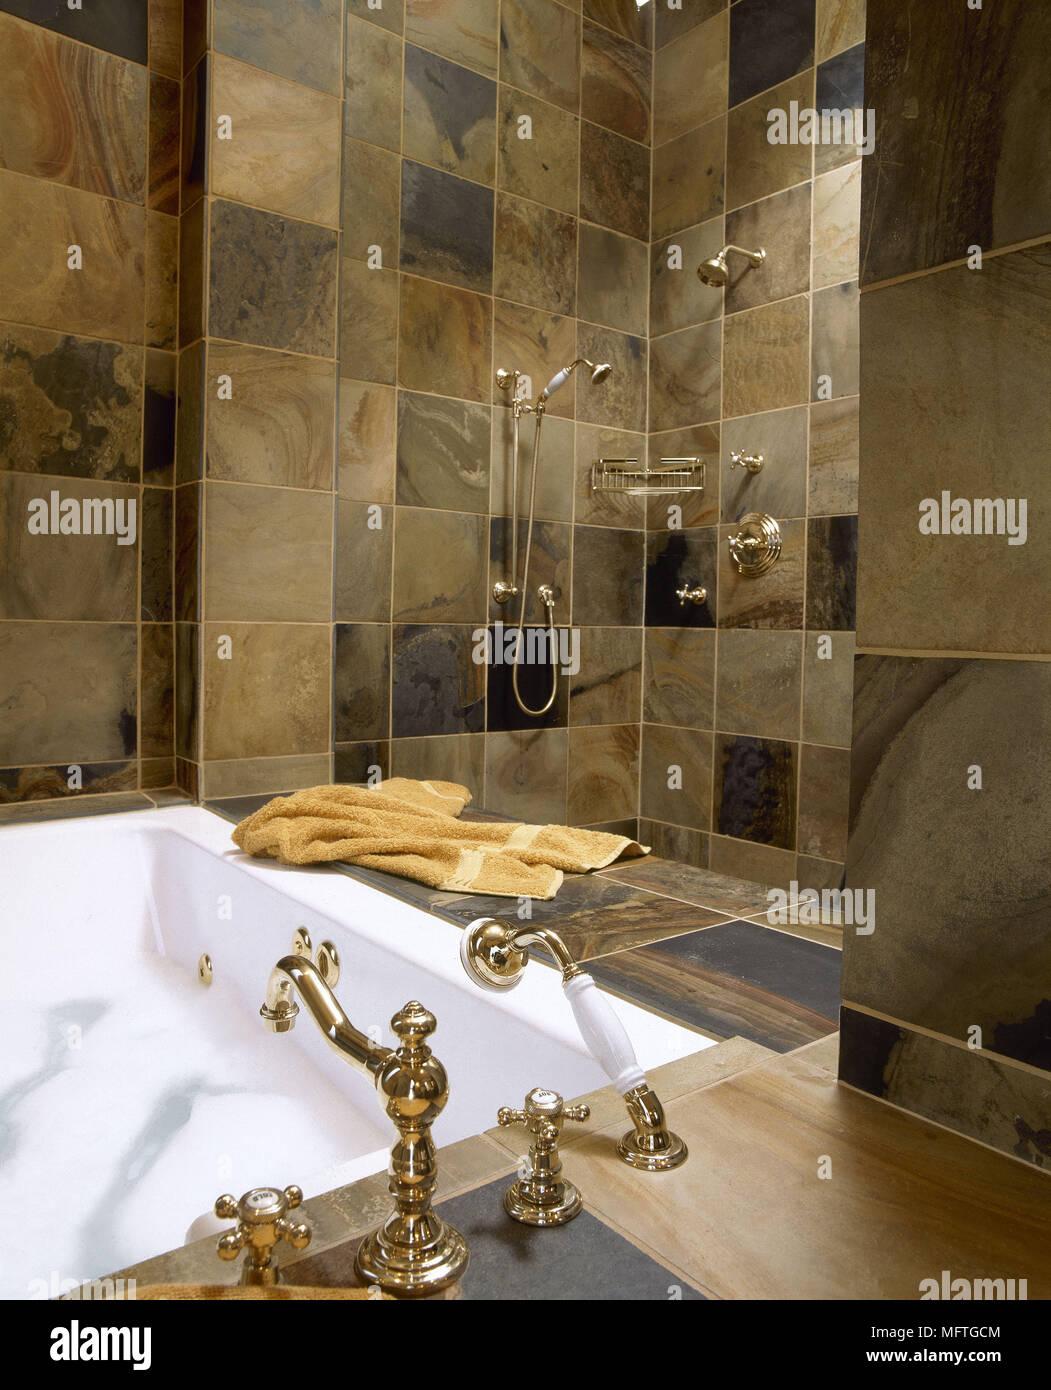 Baldosas de gres detalle ba o tradicional zona de ducha de ba o grifos de oro ba os interiores - Baldosas de bano ...